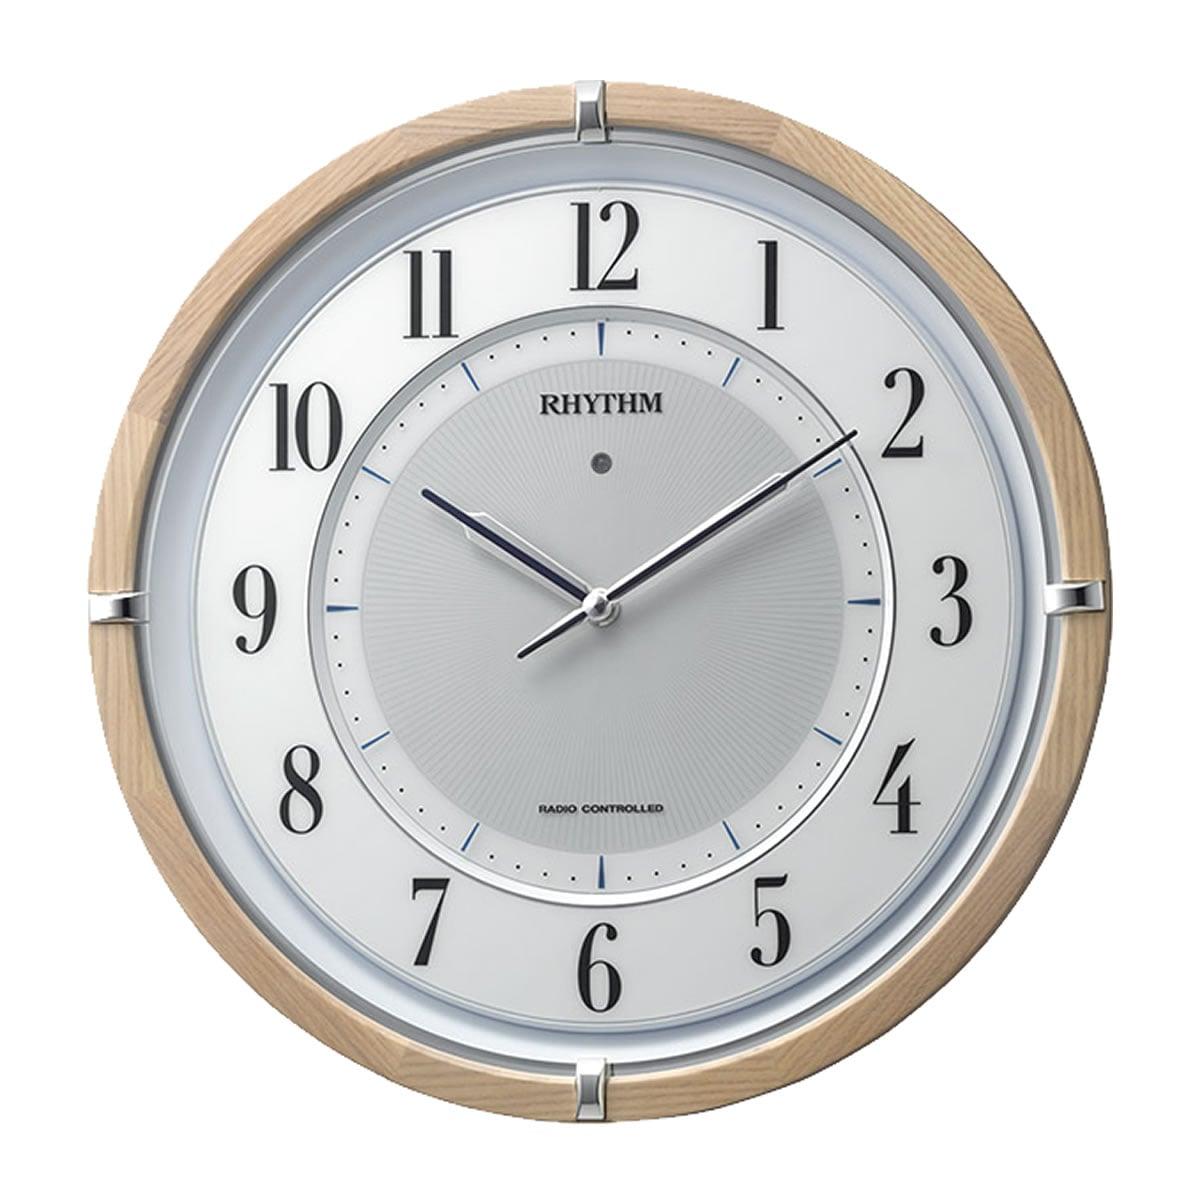 RHYTHM(リズム) ソーラー電波掛け時計 サイレントソーラーM848 4MY848SR06